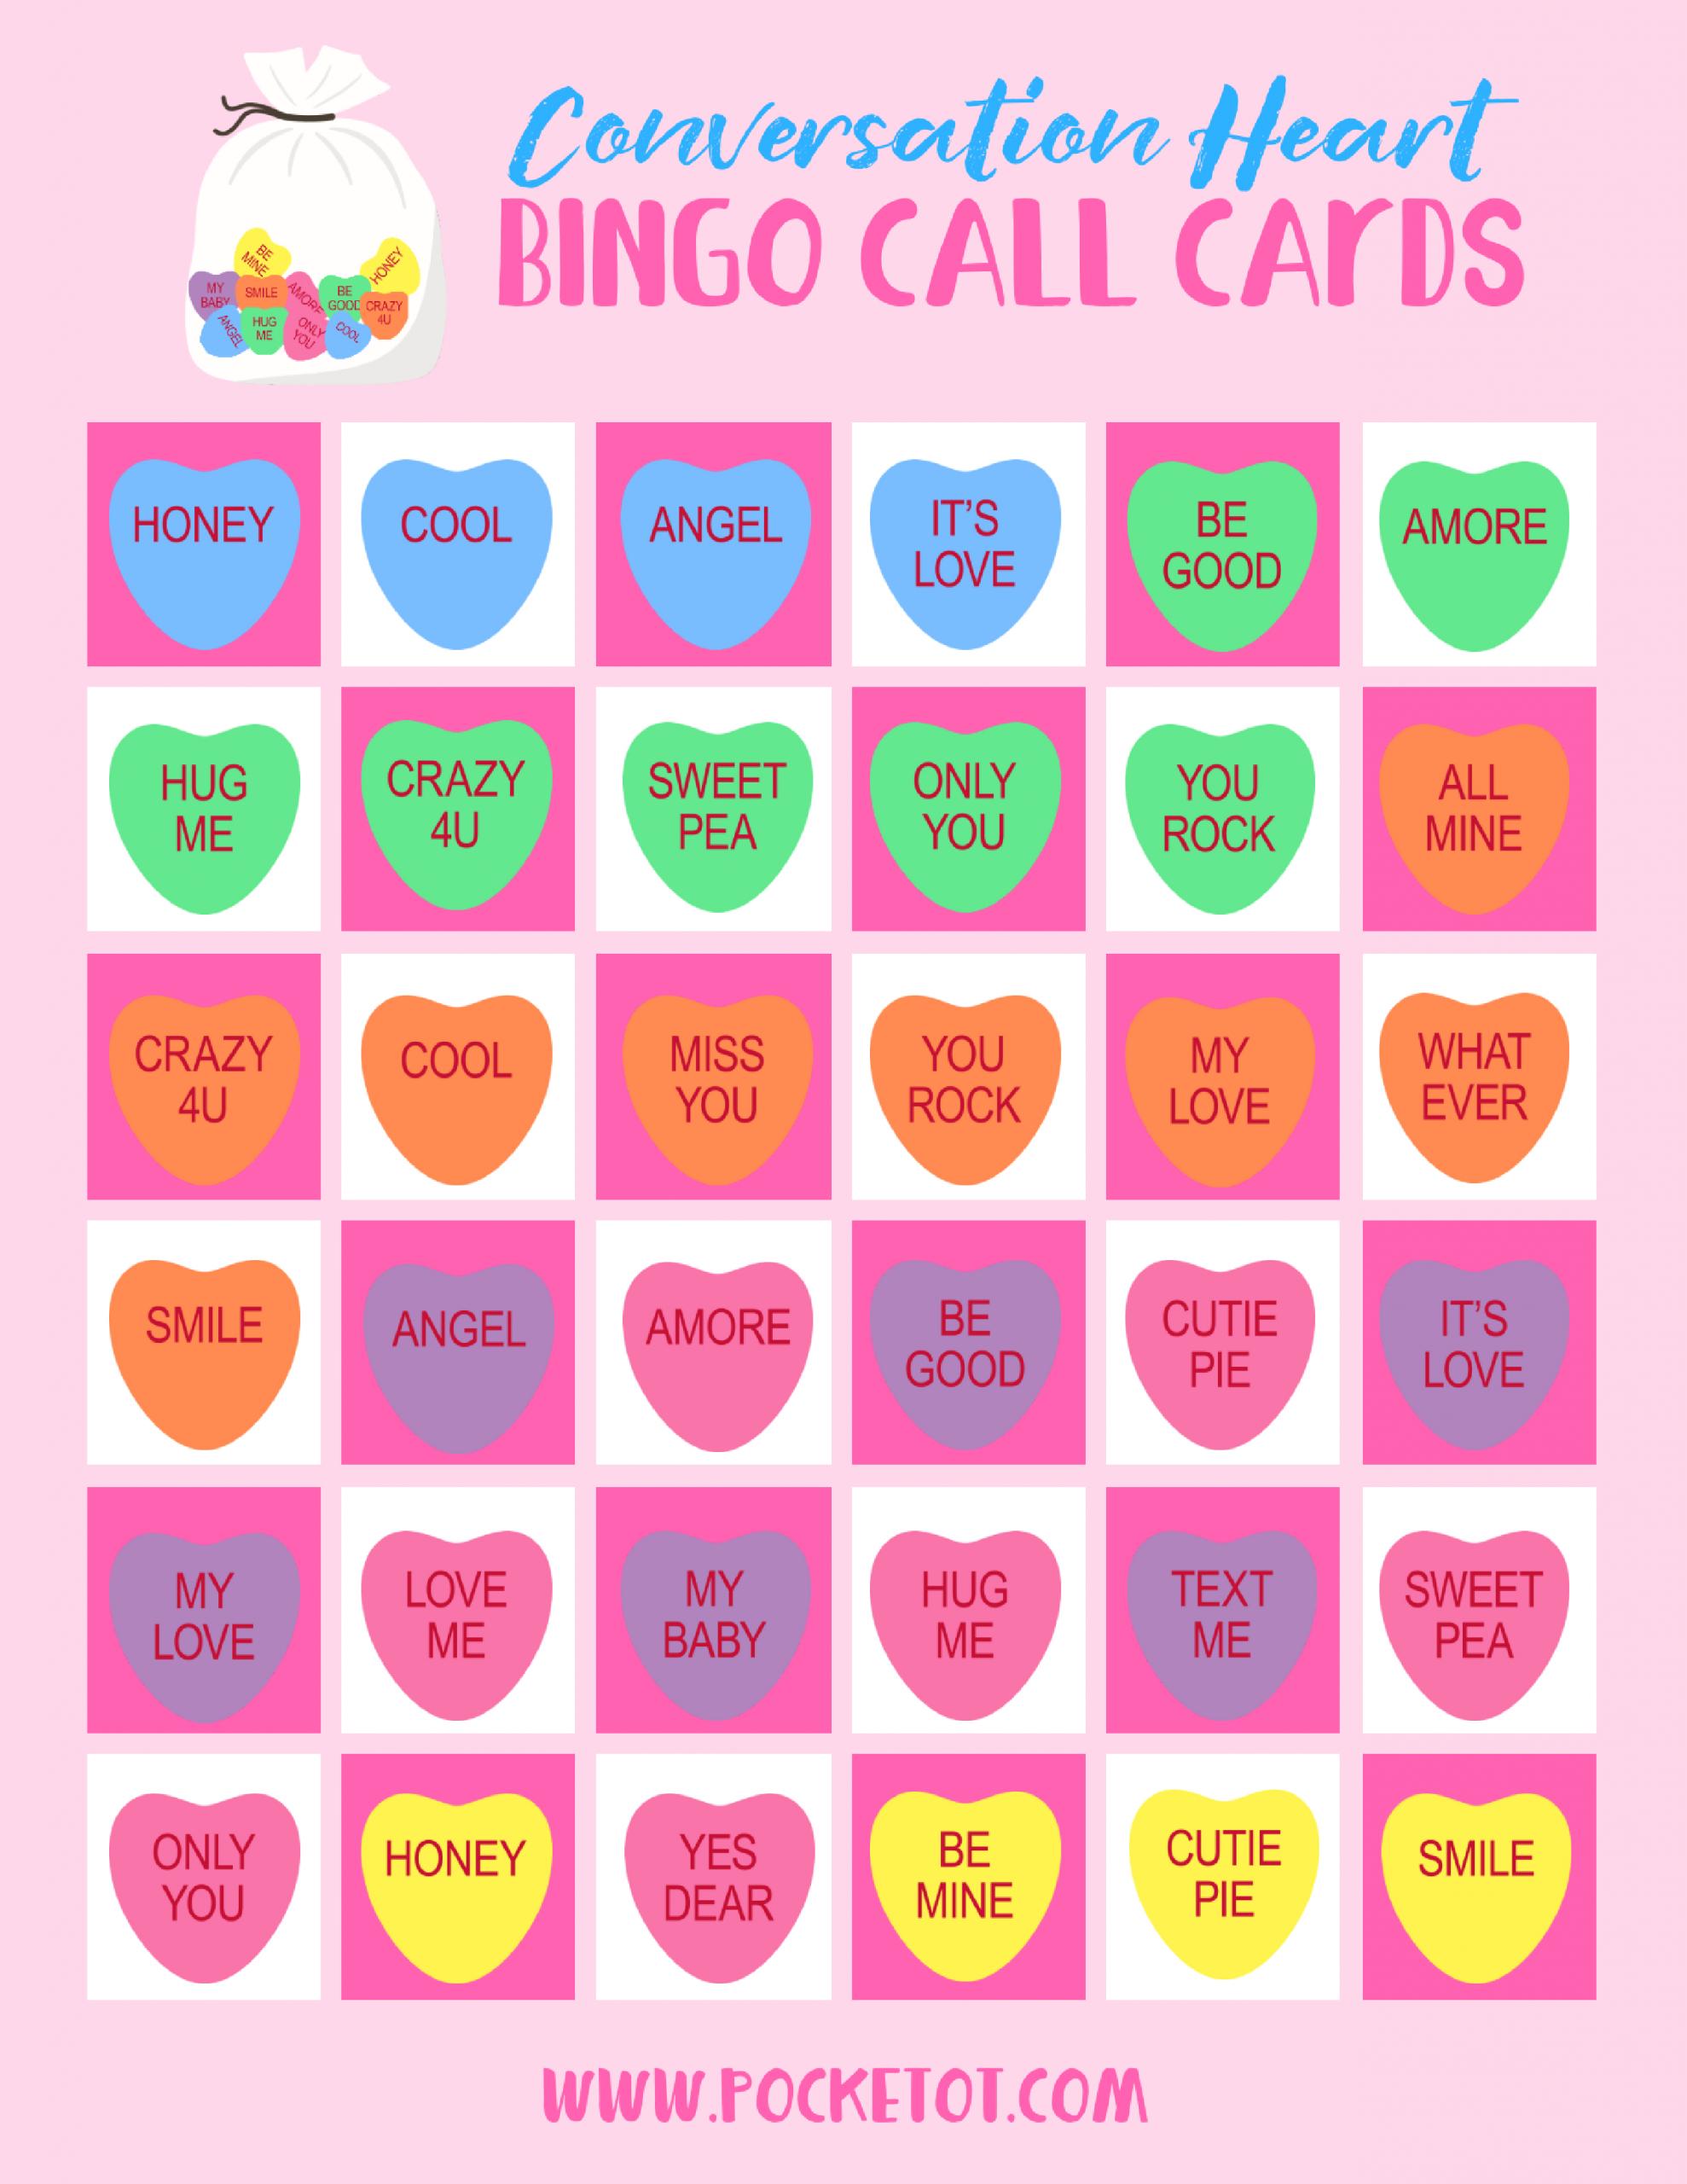 Valentine's Day Conversation Heart Bingo Game | Pocket